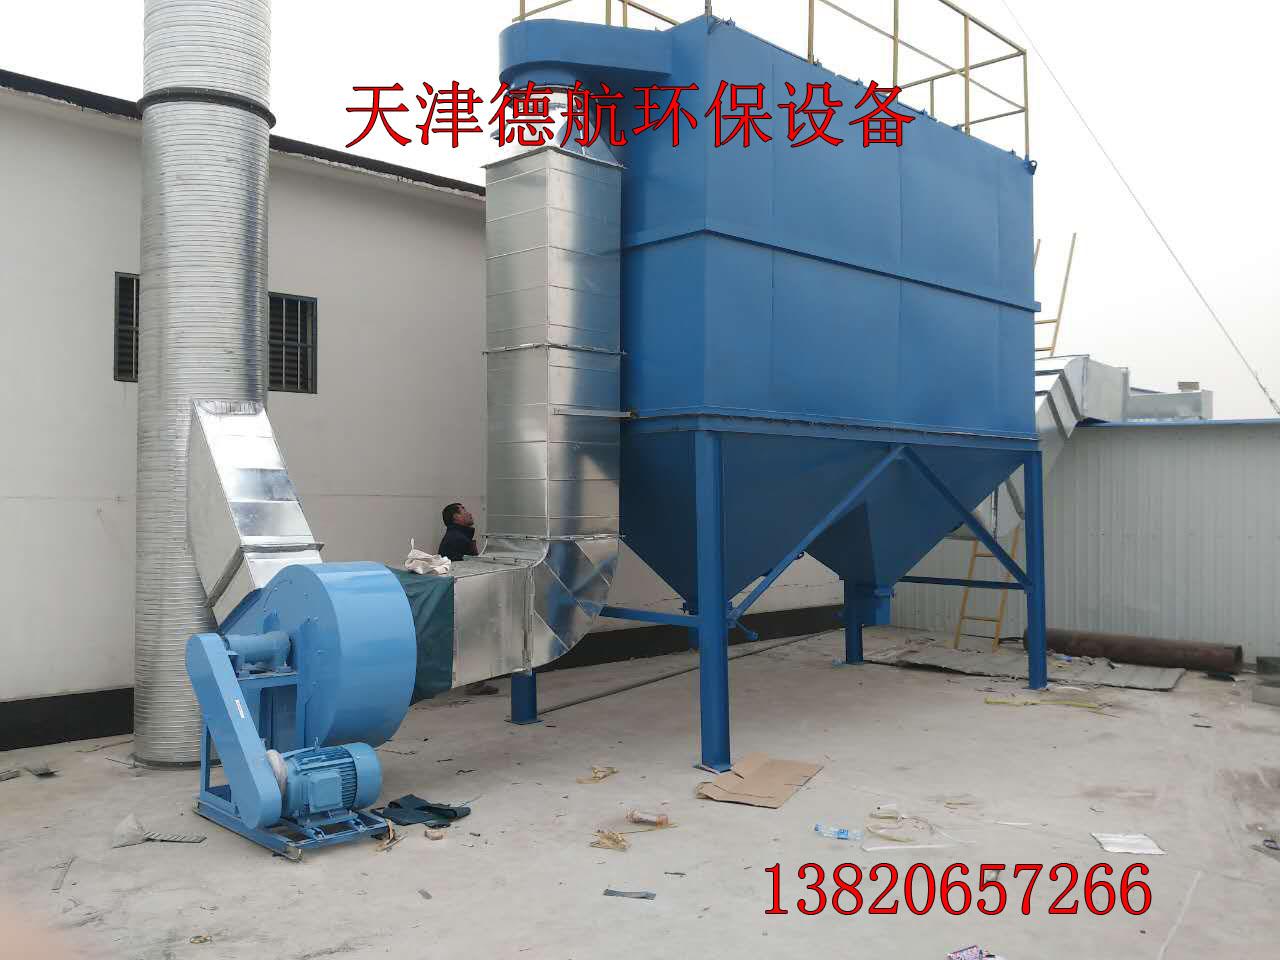 环保设备布袋除尘器小型工业锅炉收尘器环保设备